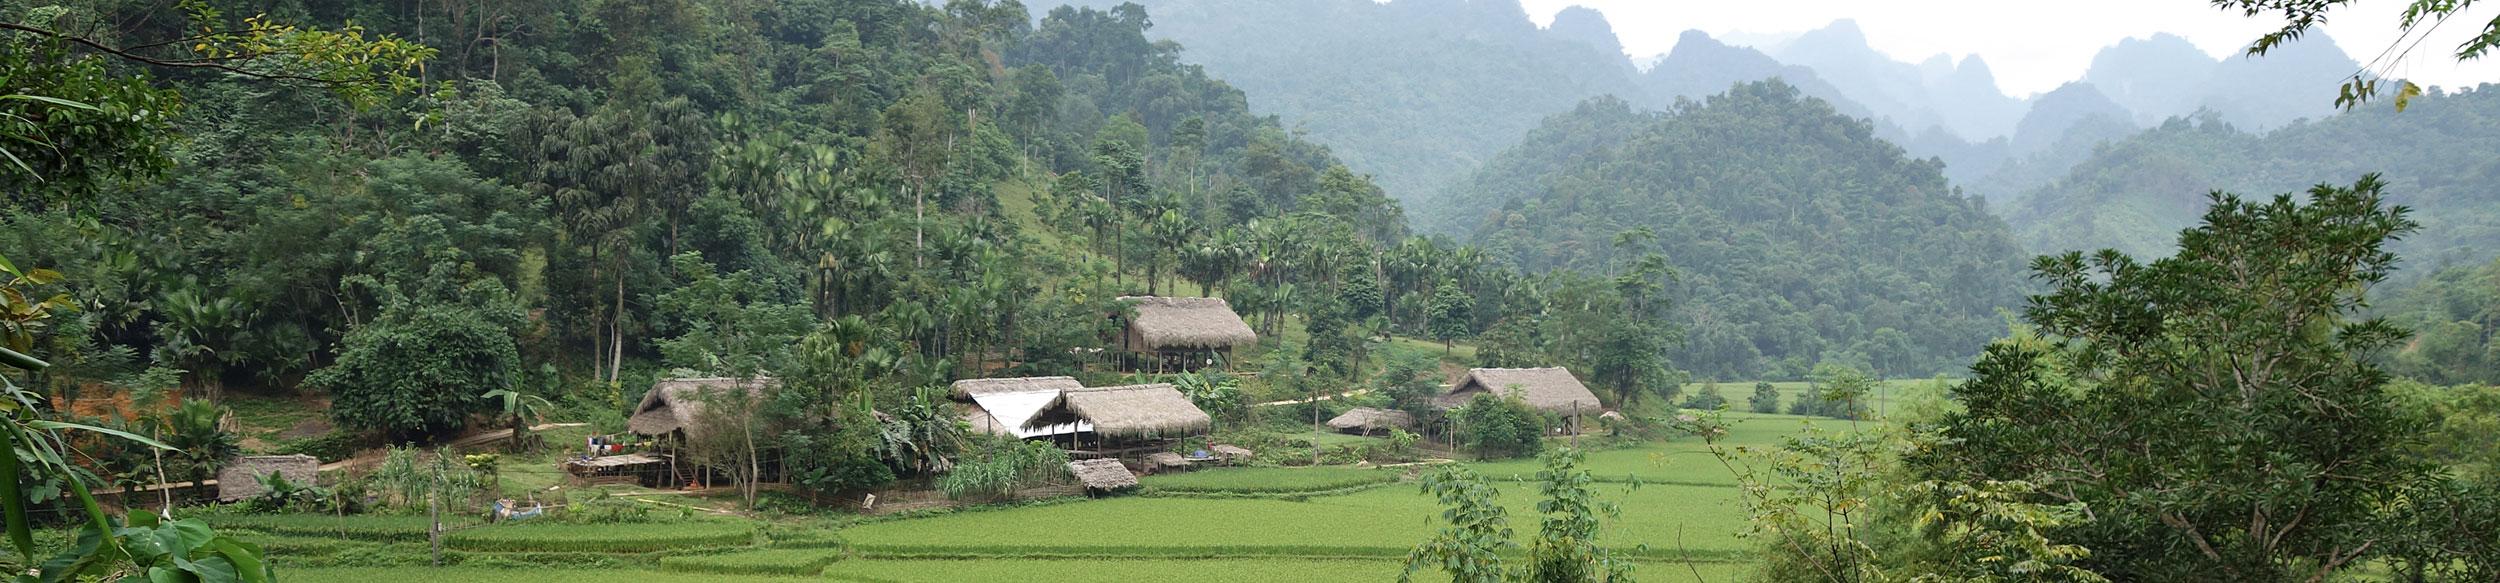 Village ethnique dans la province de Tuyen Quang au Vietnam